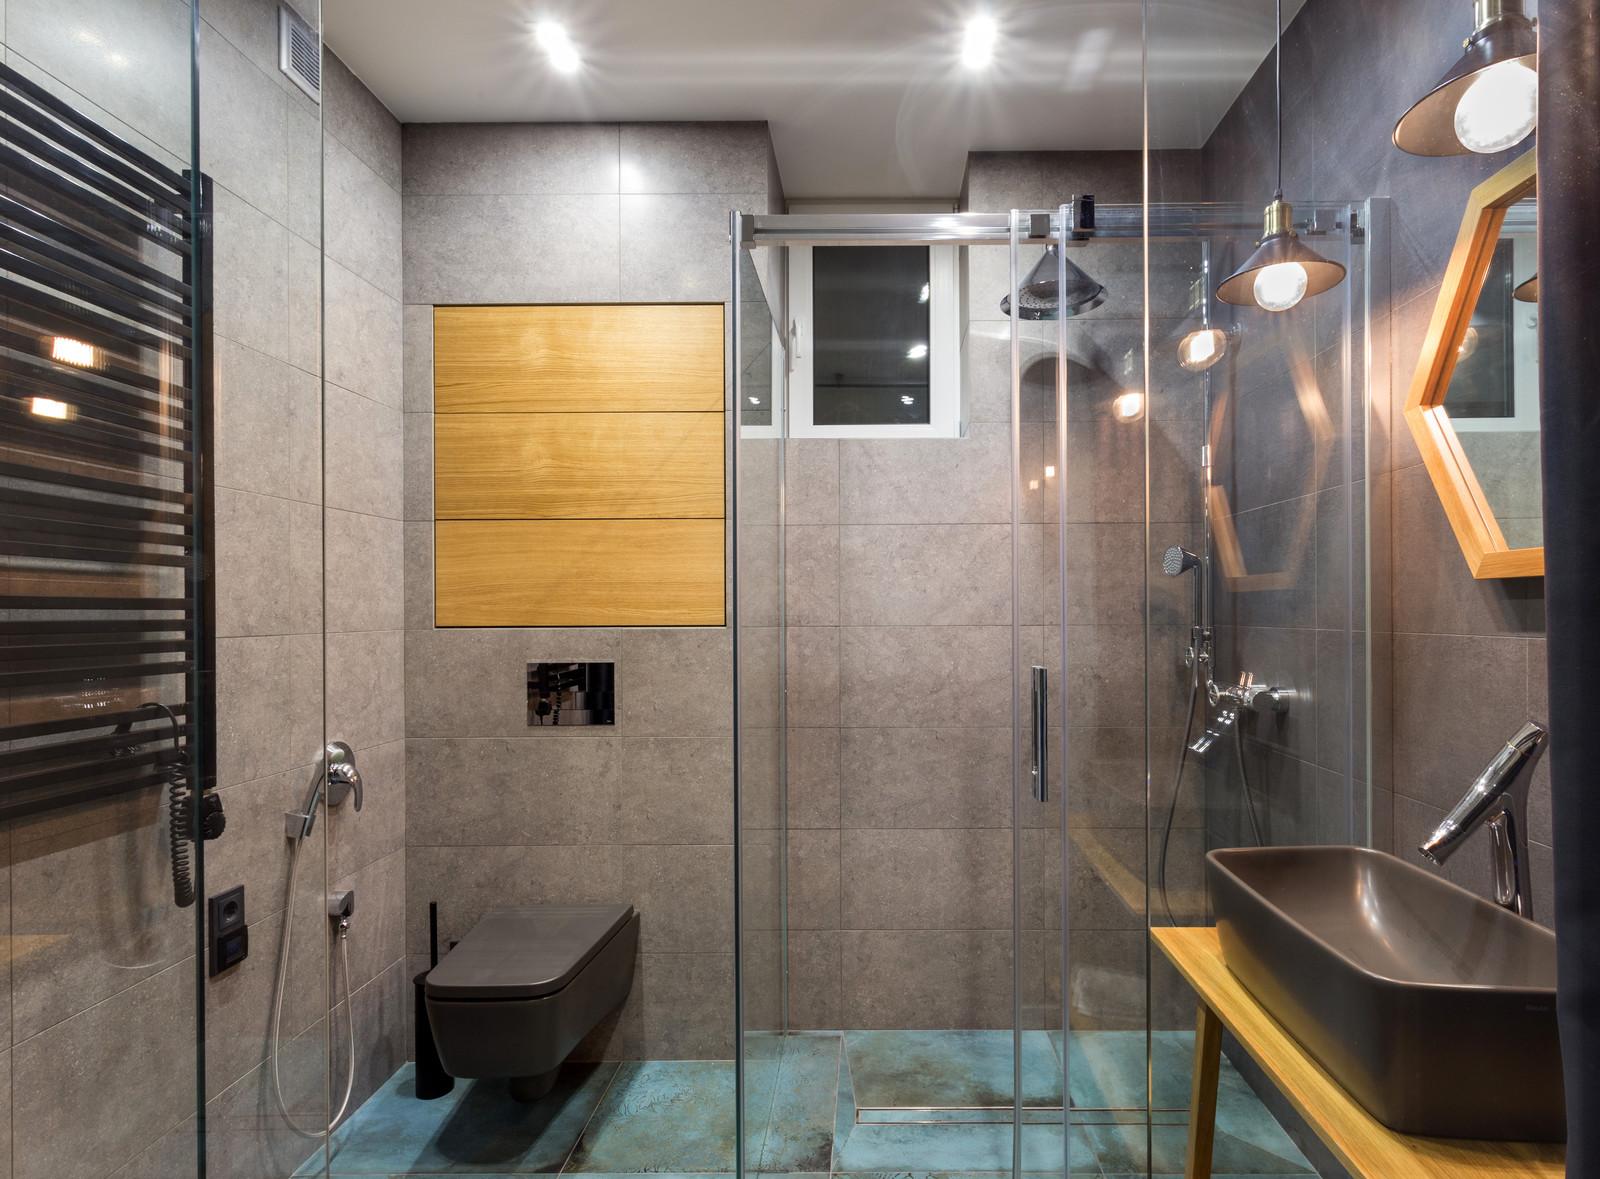 Apartment-design-just3ds.com-17